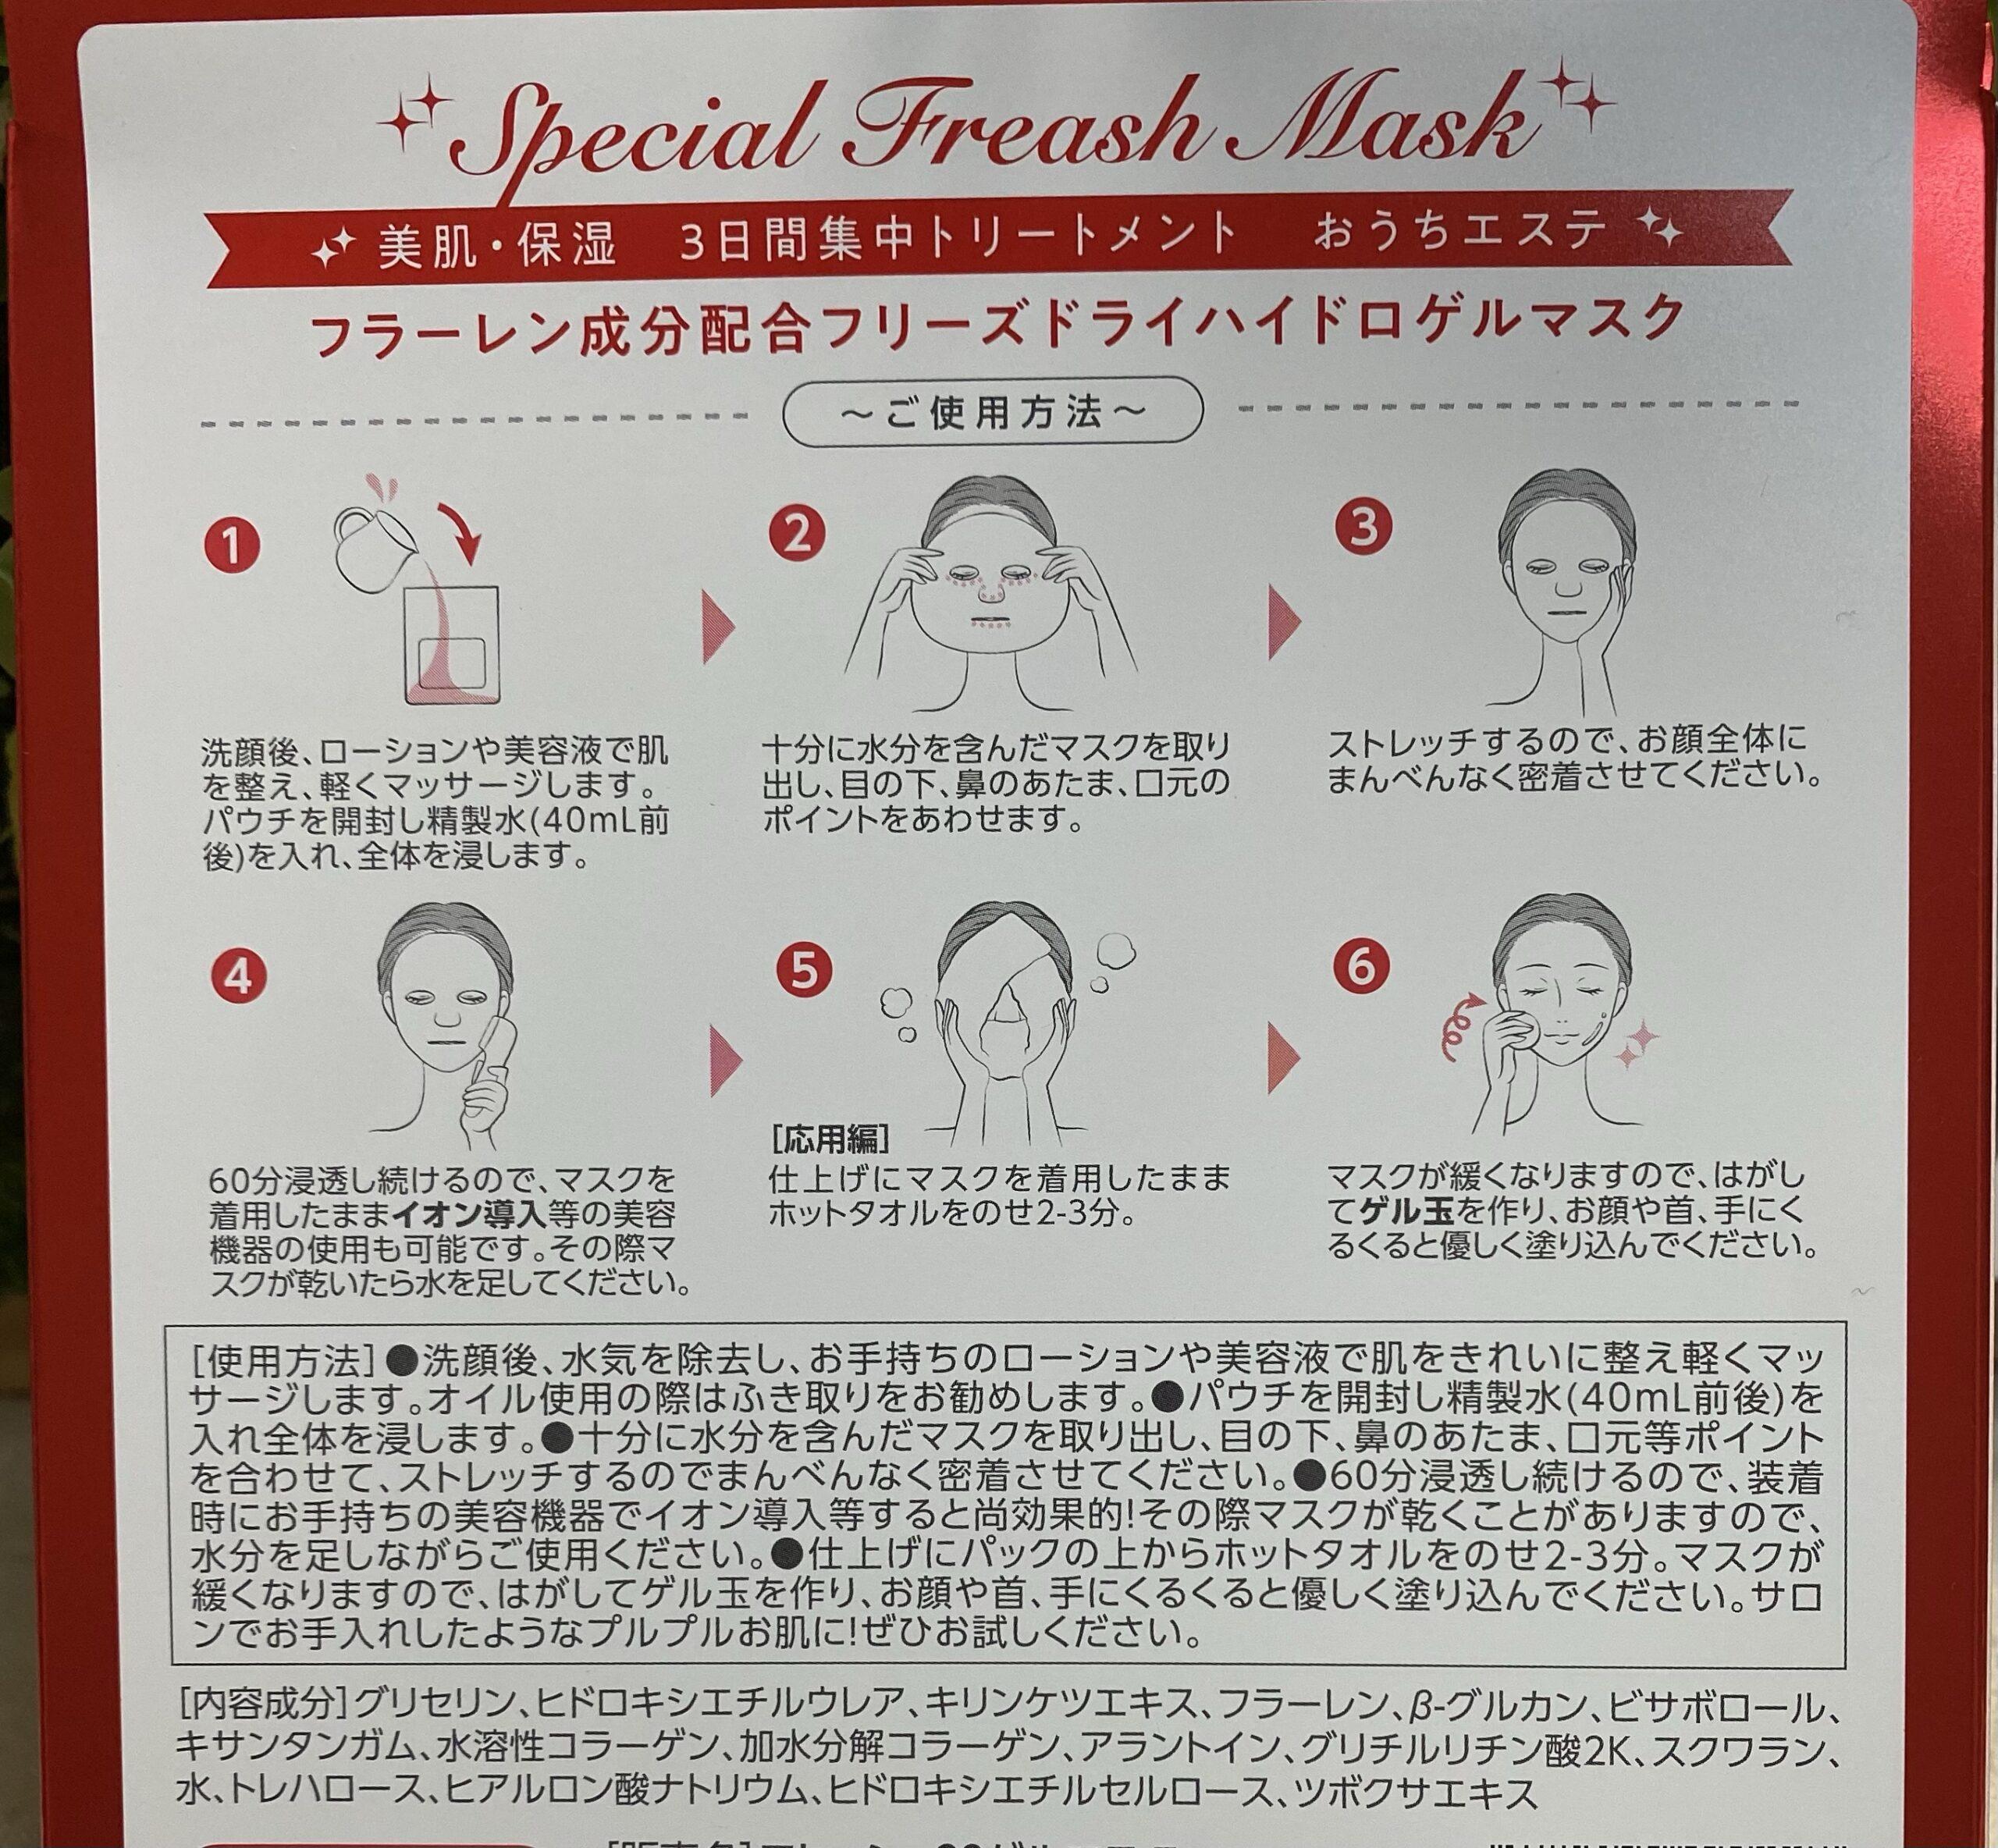 フレッシュ98ゲルマスク1